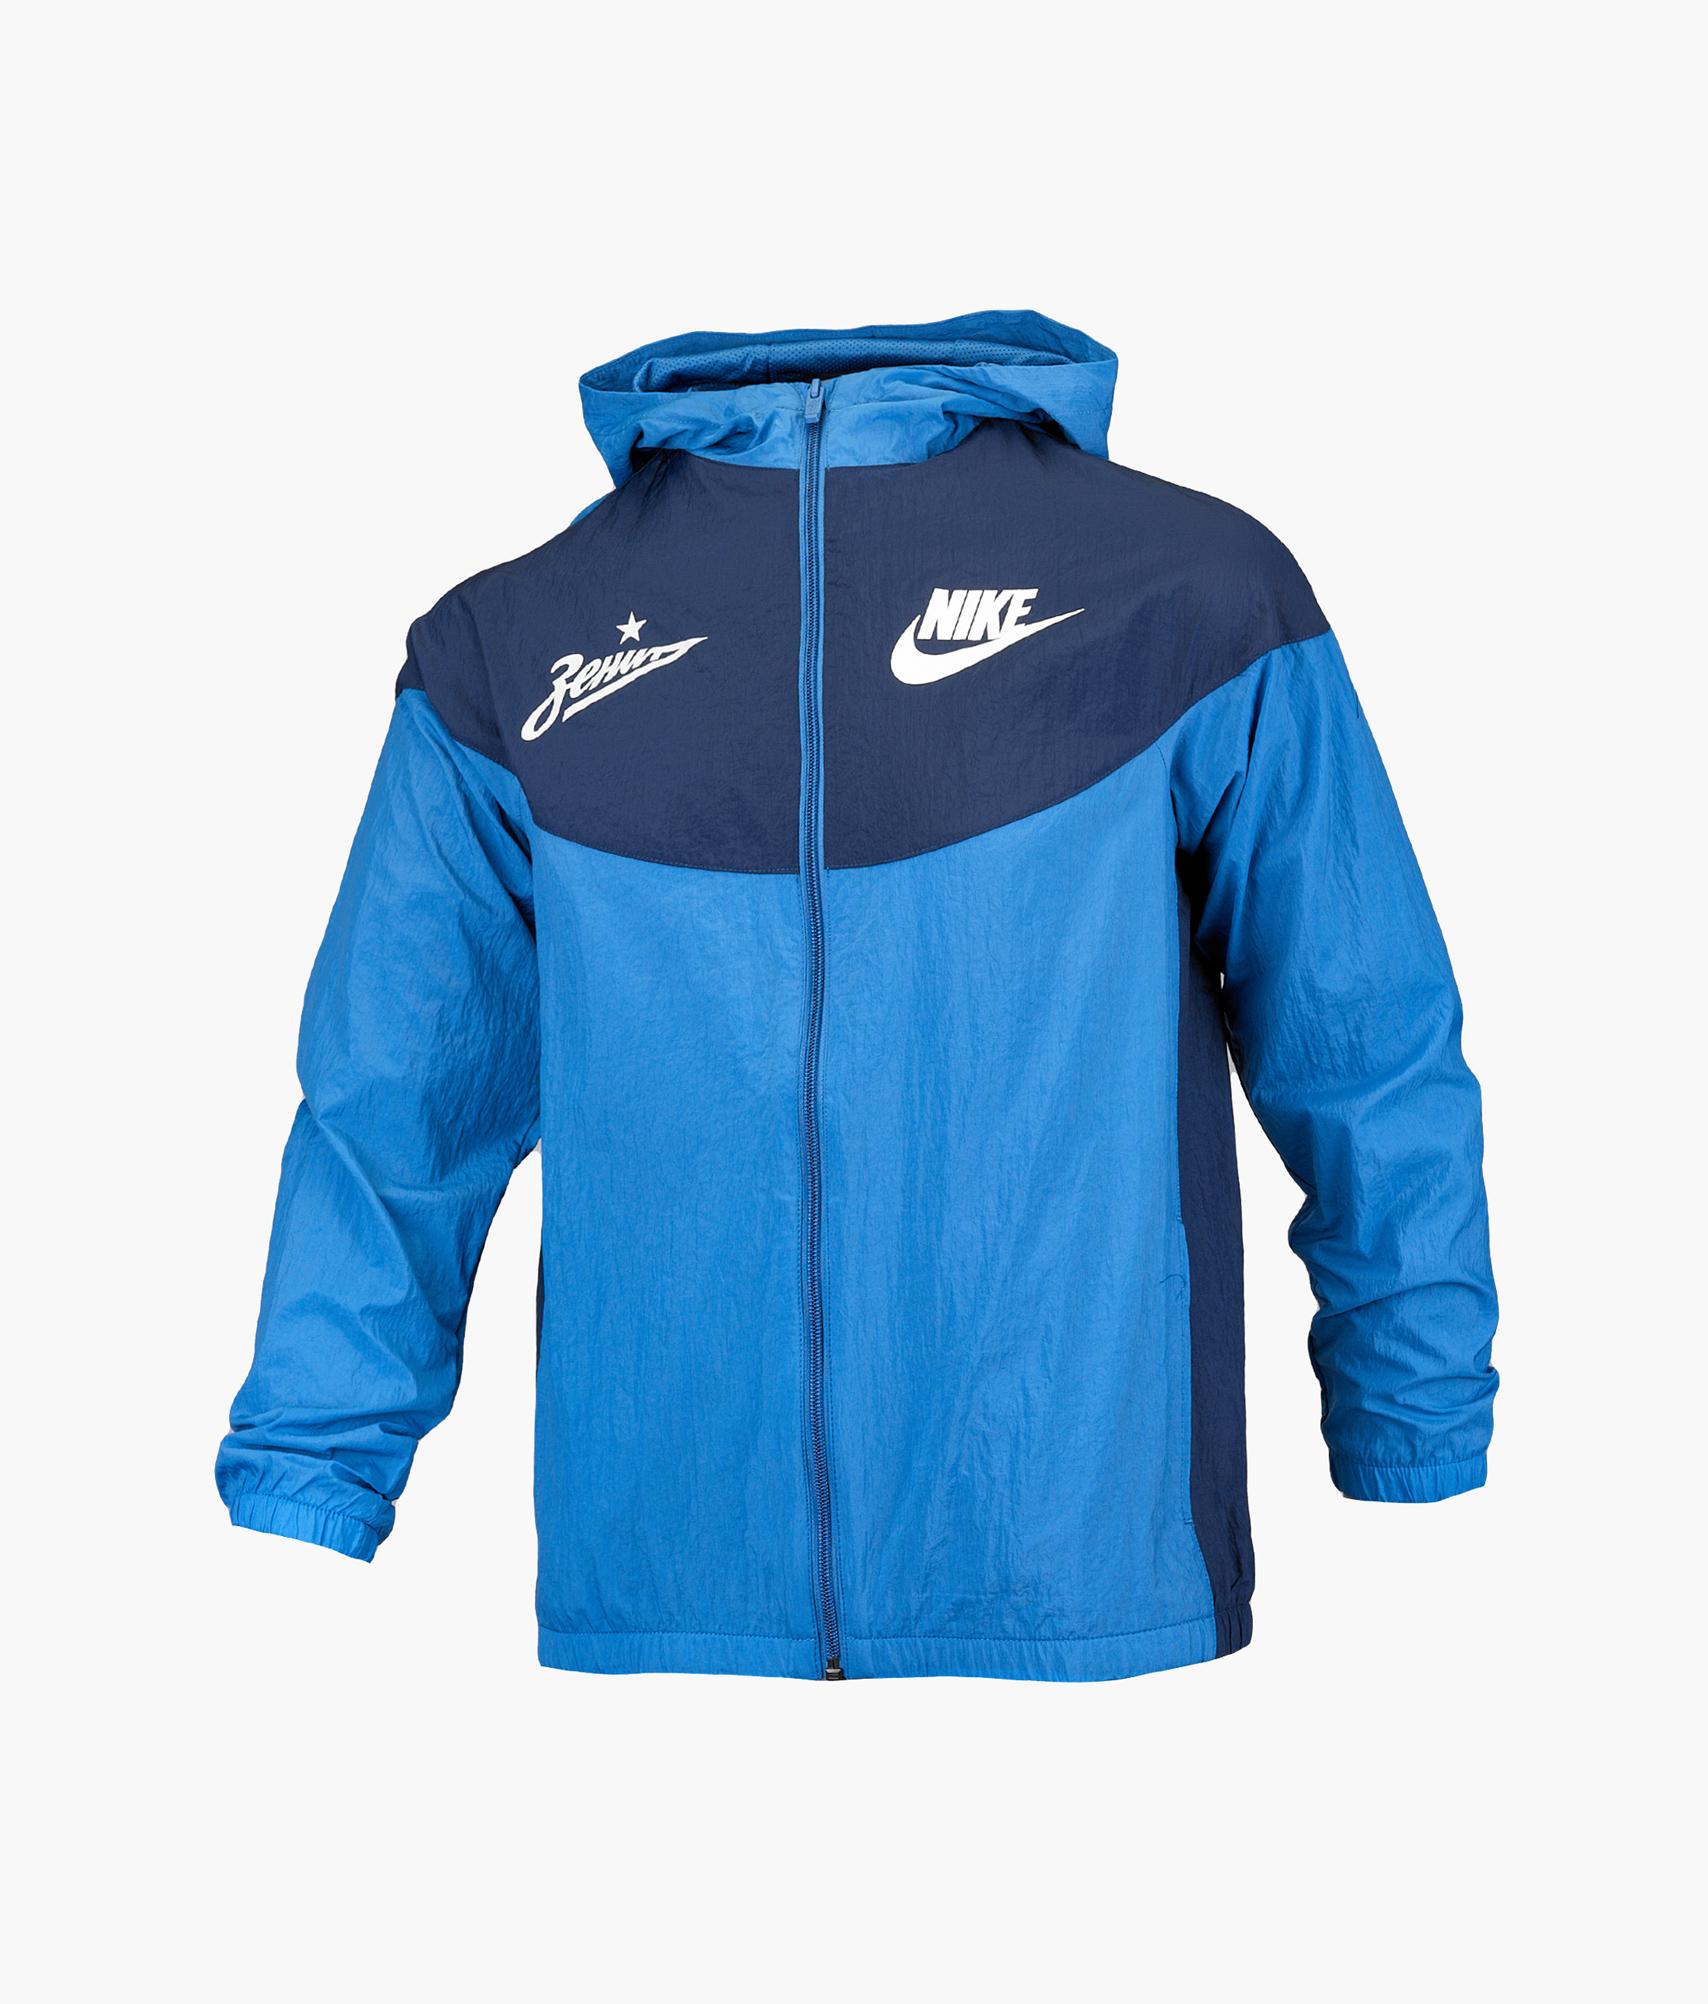 Ветровка подростковая Nike Nike Цвет-Синий